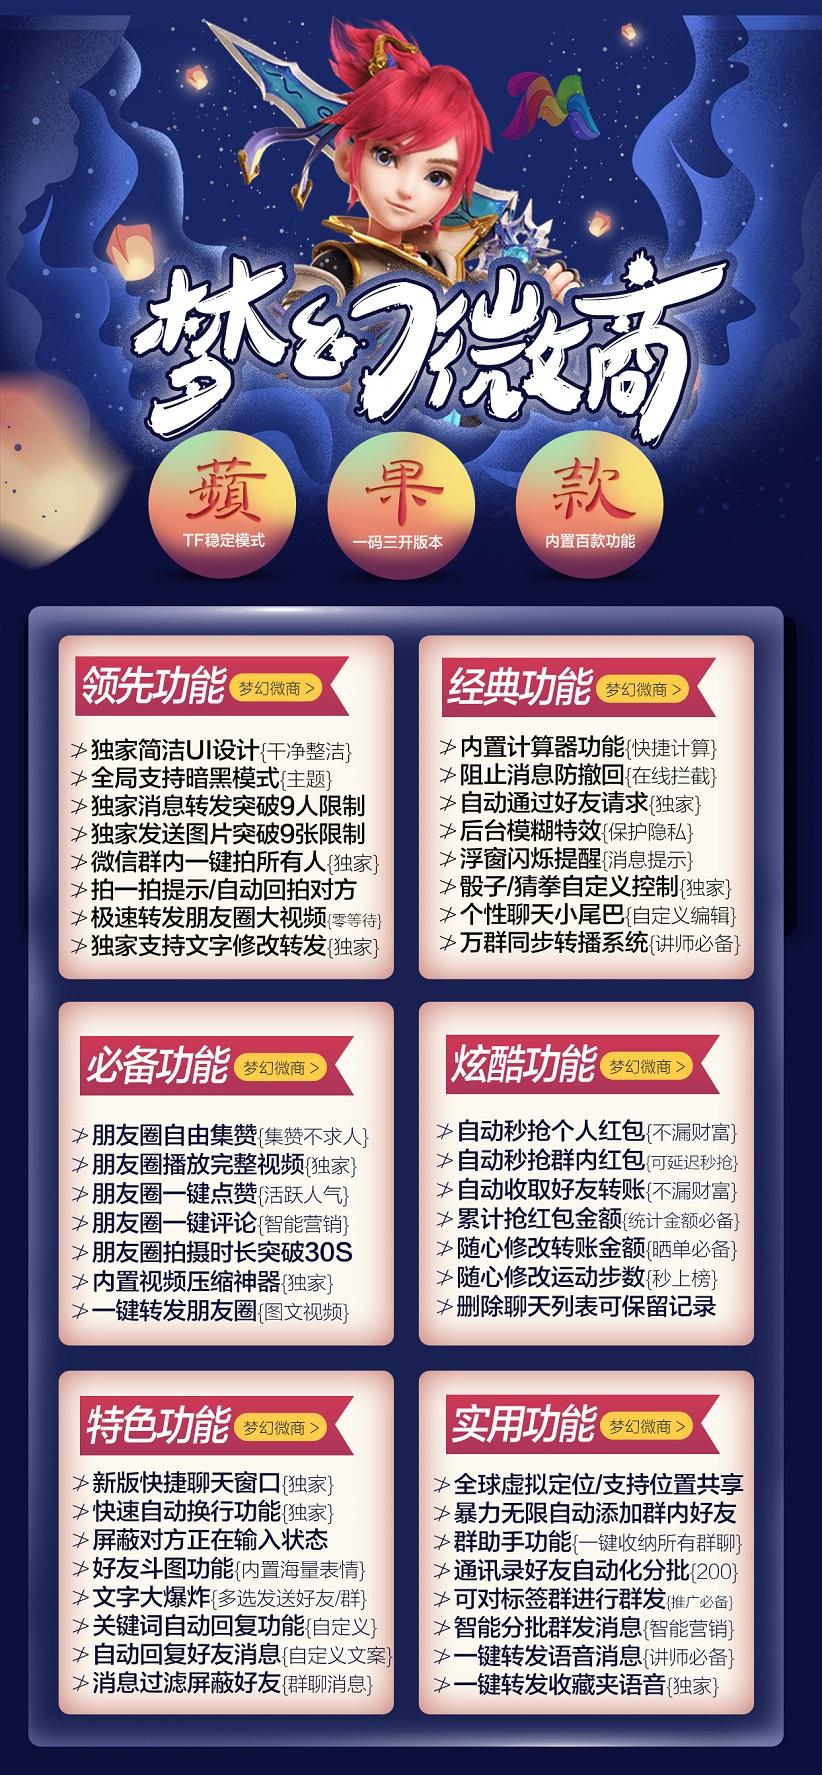 【苹果梦幻微商官网地址】三开微信 稳定防封高端新品 激活码授权